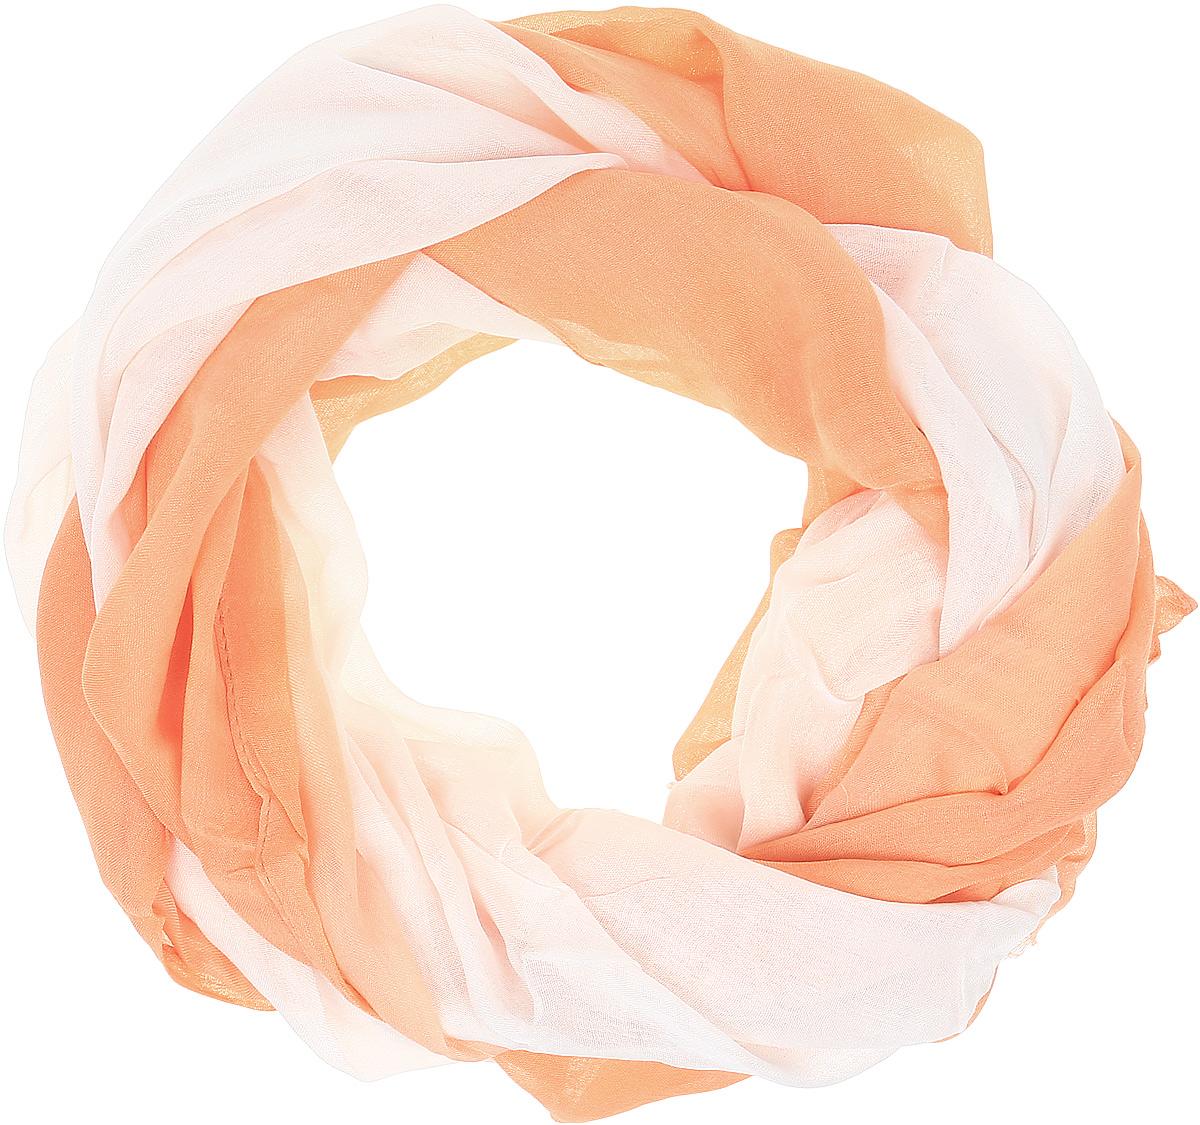 Палантин женский Vitta pelle, цвет: персиковый. Ro02PG1625/1. Размер 70 см х 180 смRo02PG1625/1Широкий палантин с переходом цвета. Отделка края - осыпка.